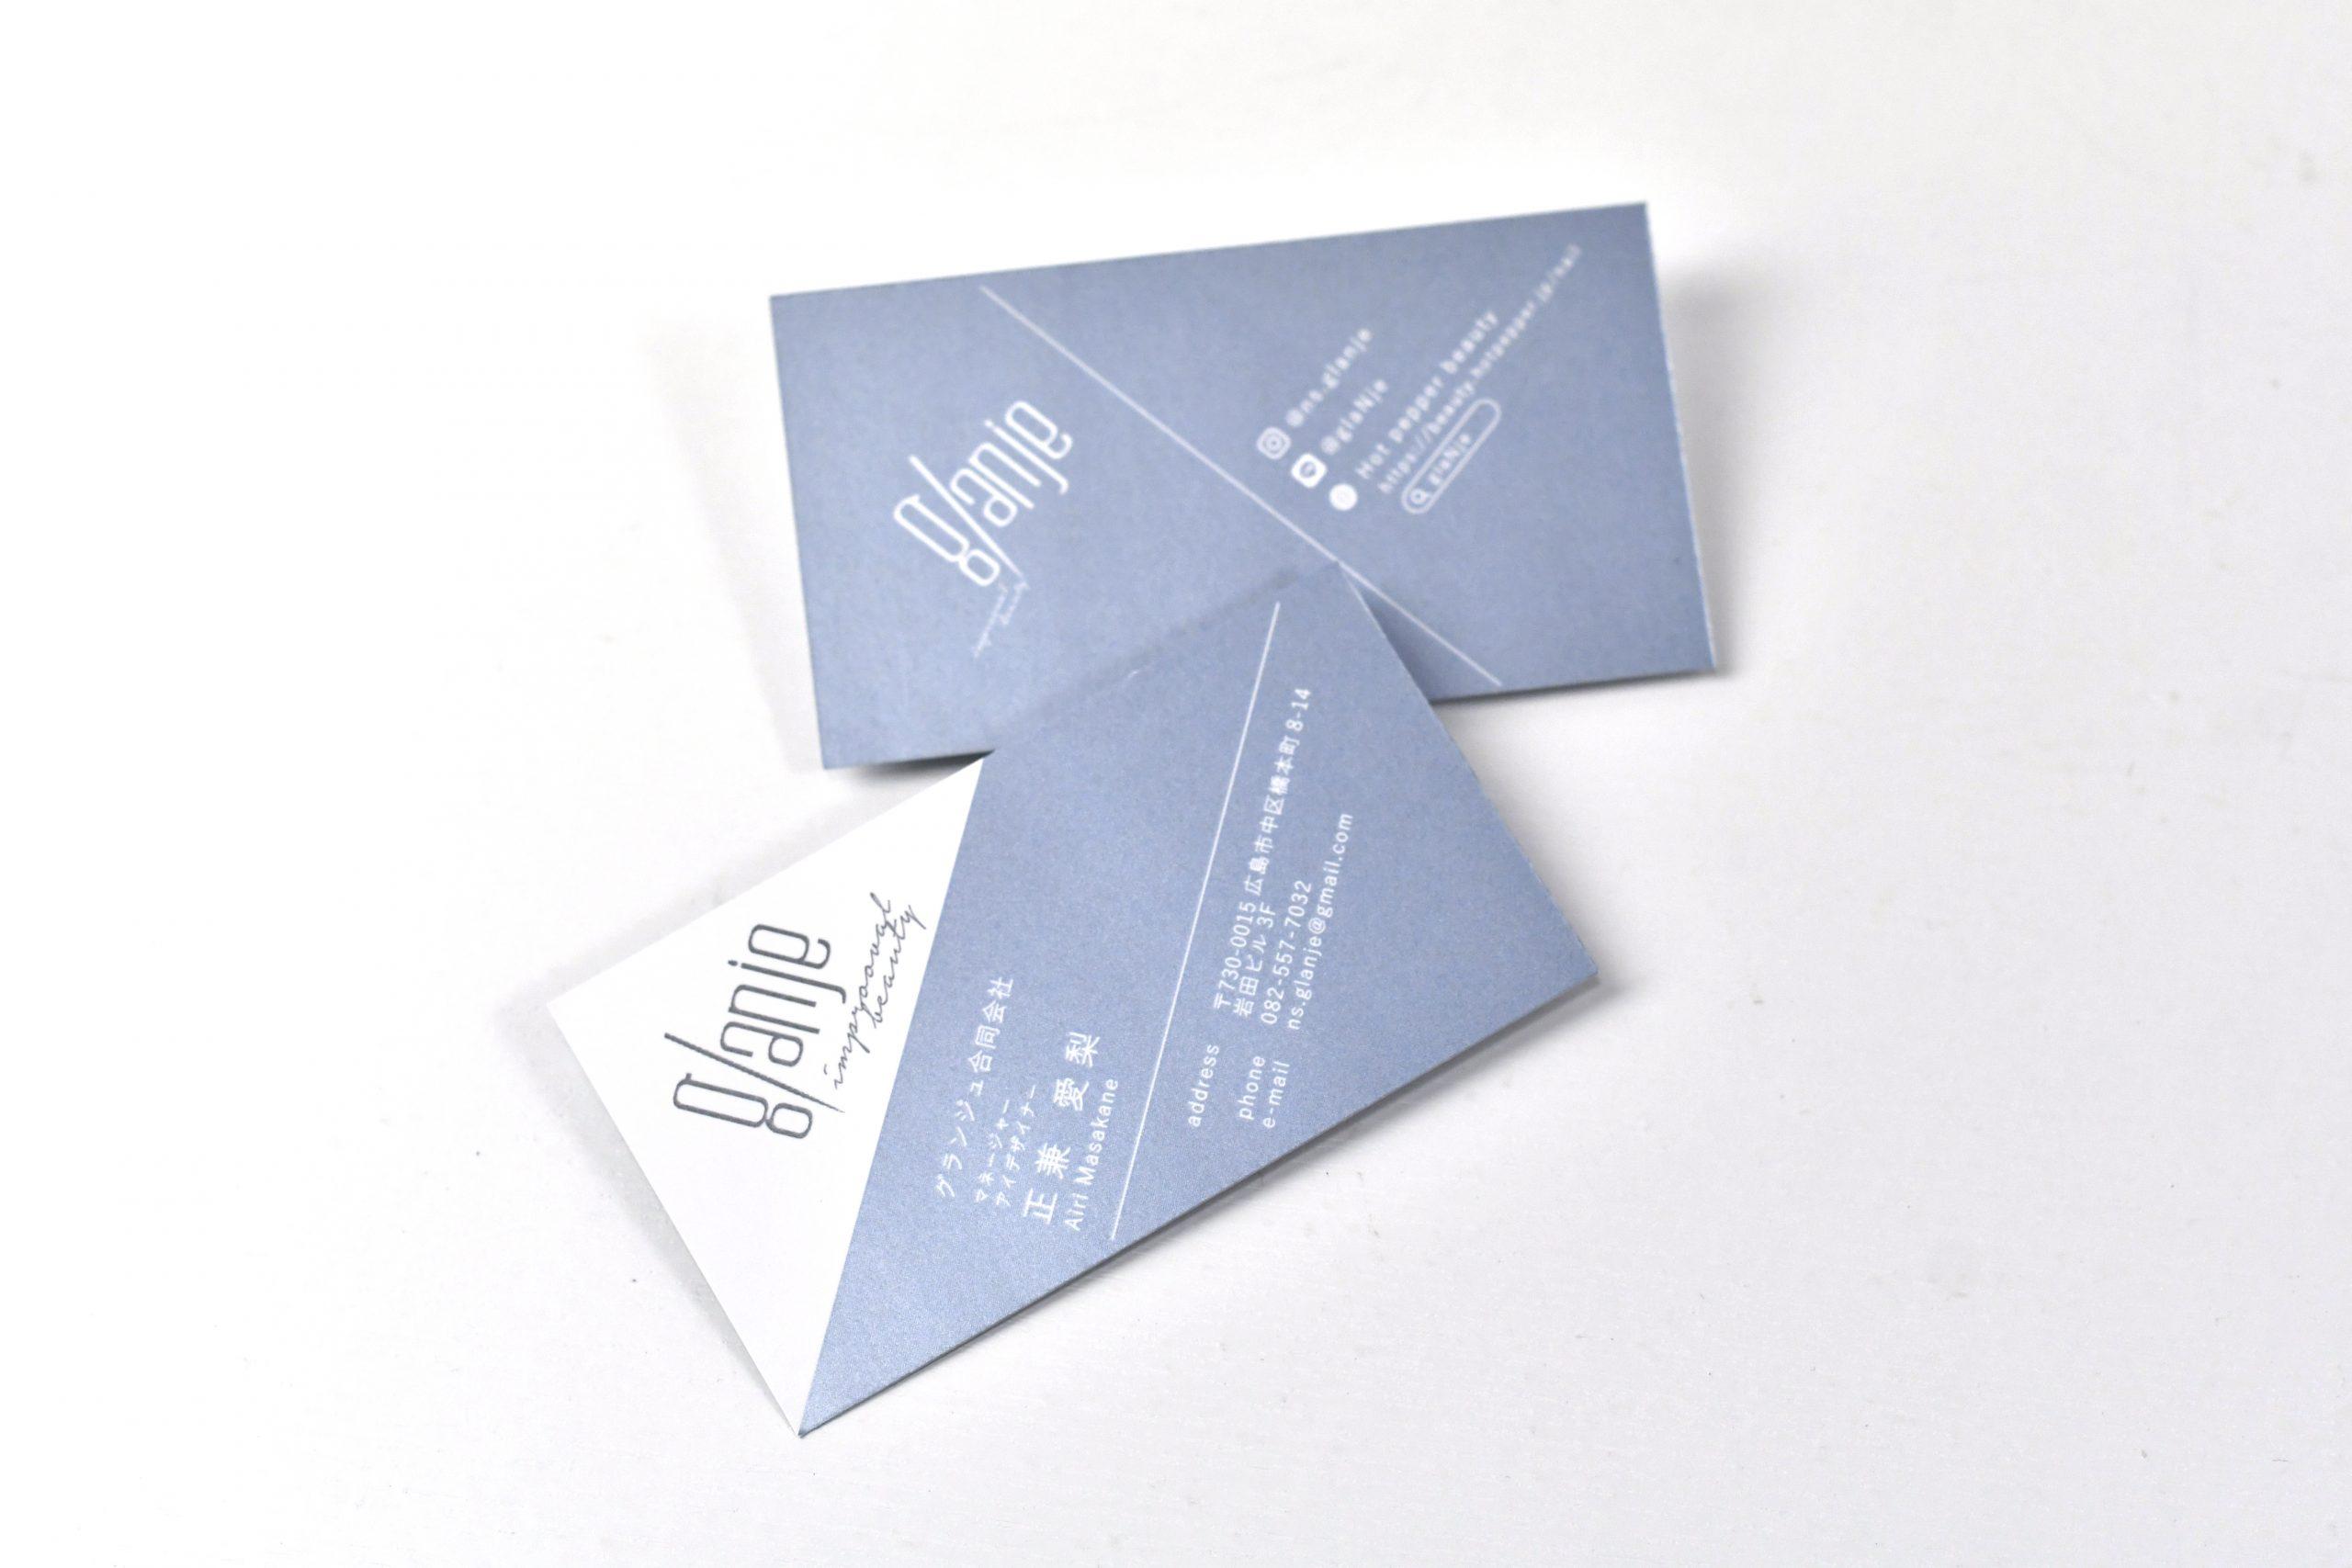 ネイル&アイラッシュサロン様のパール印刷を施したおしゃれなお名刺